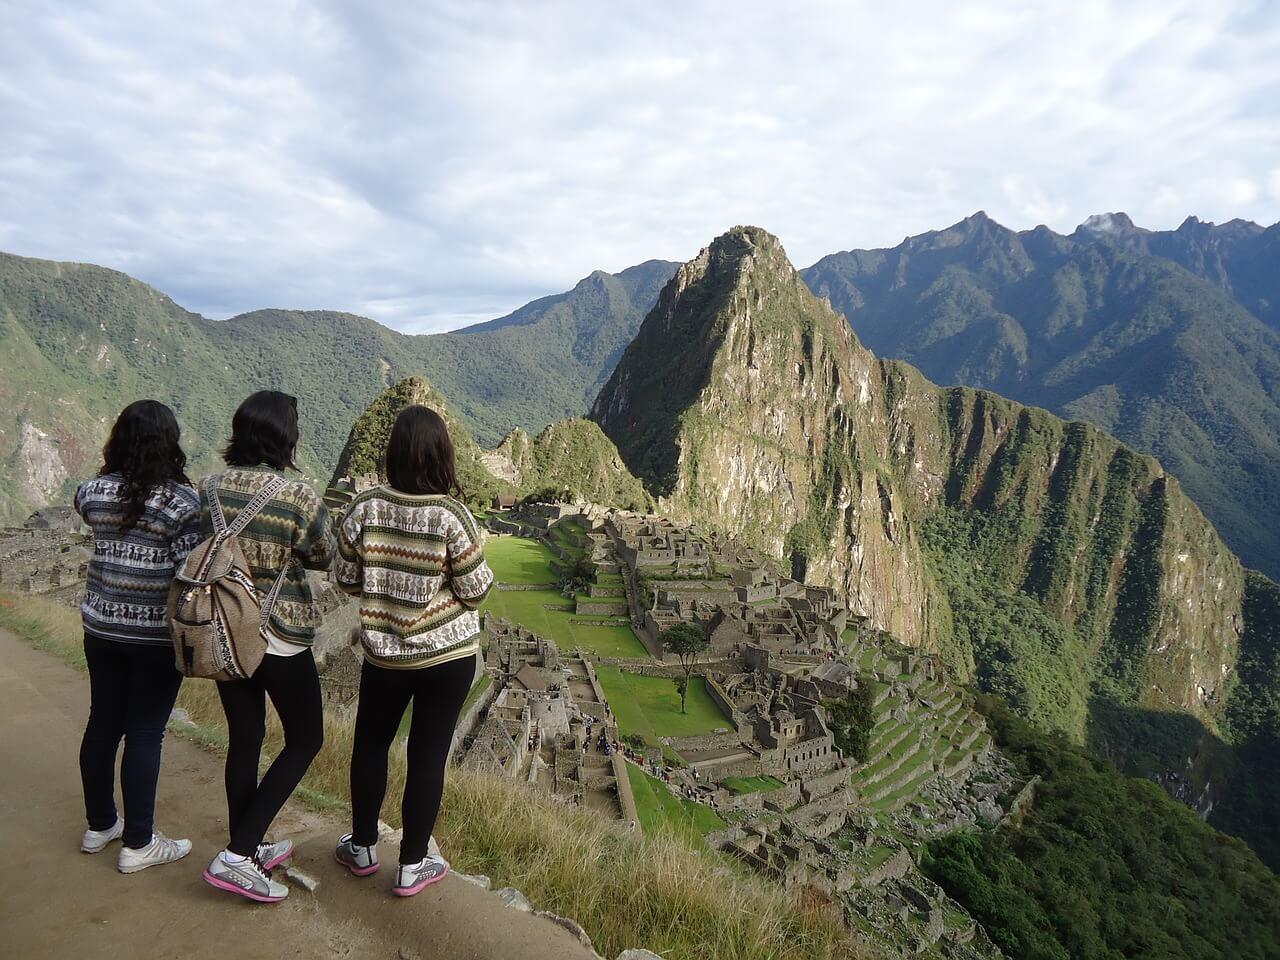 Amigas de viaje en Machu Picchu